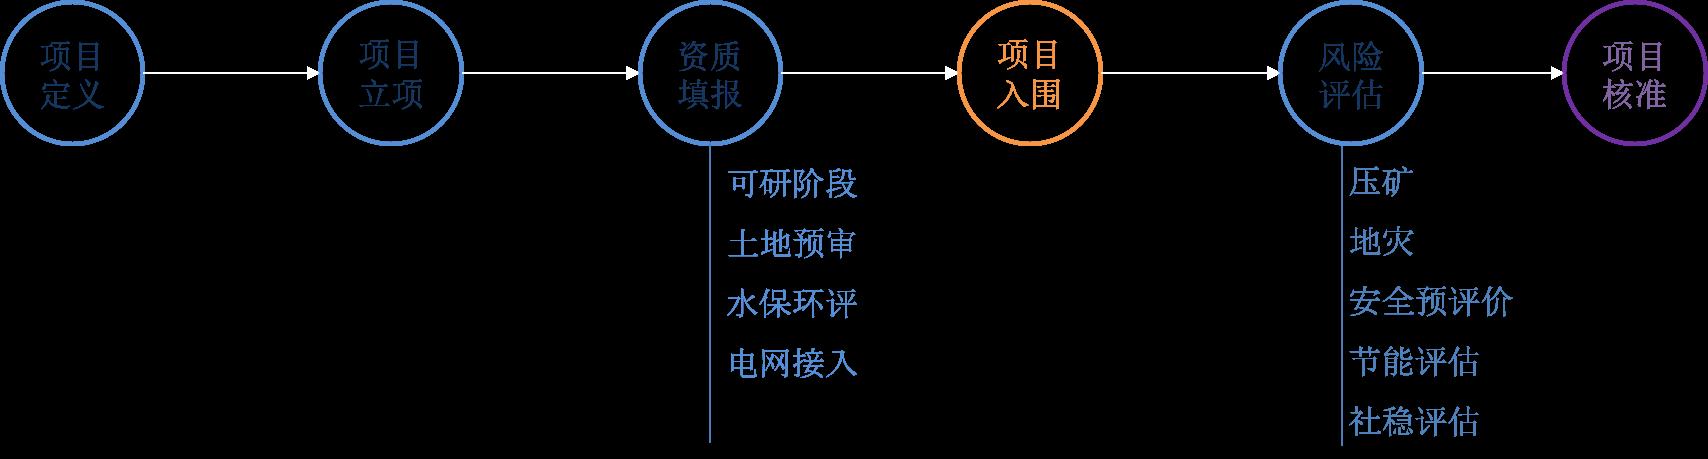 嘉士宝科技-新能源电站前期项目管理系统